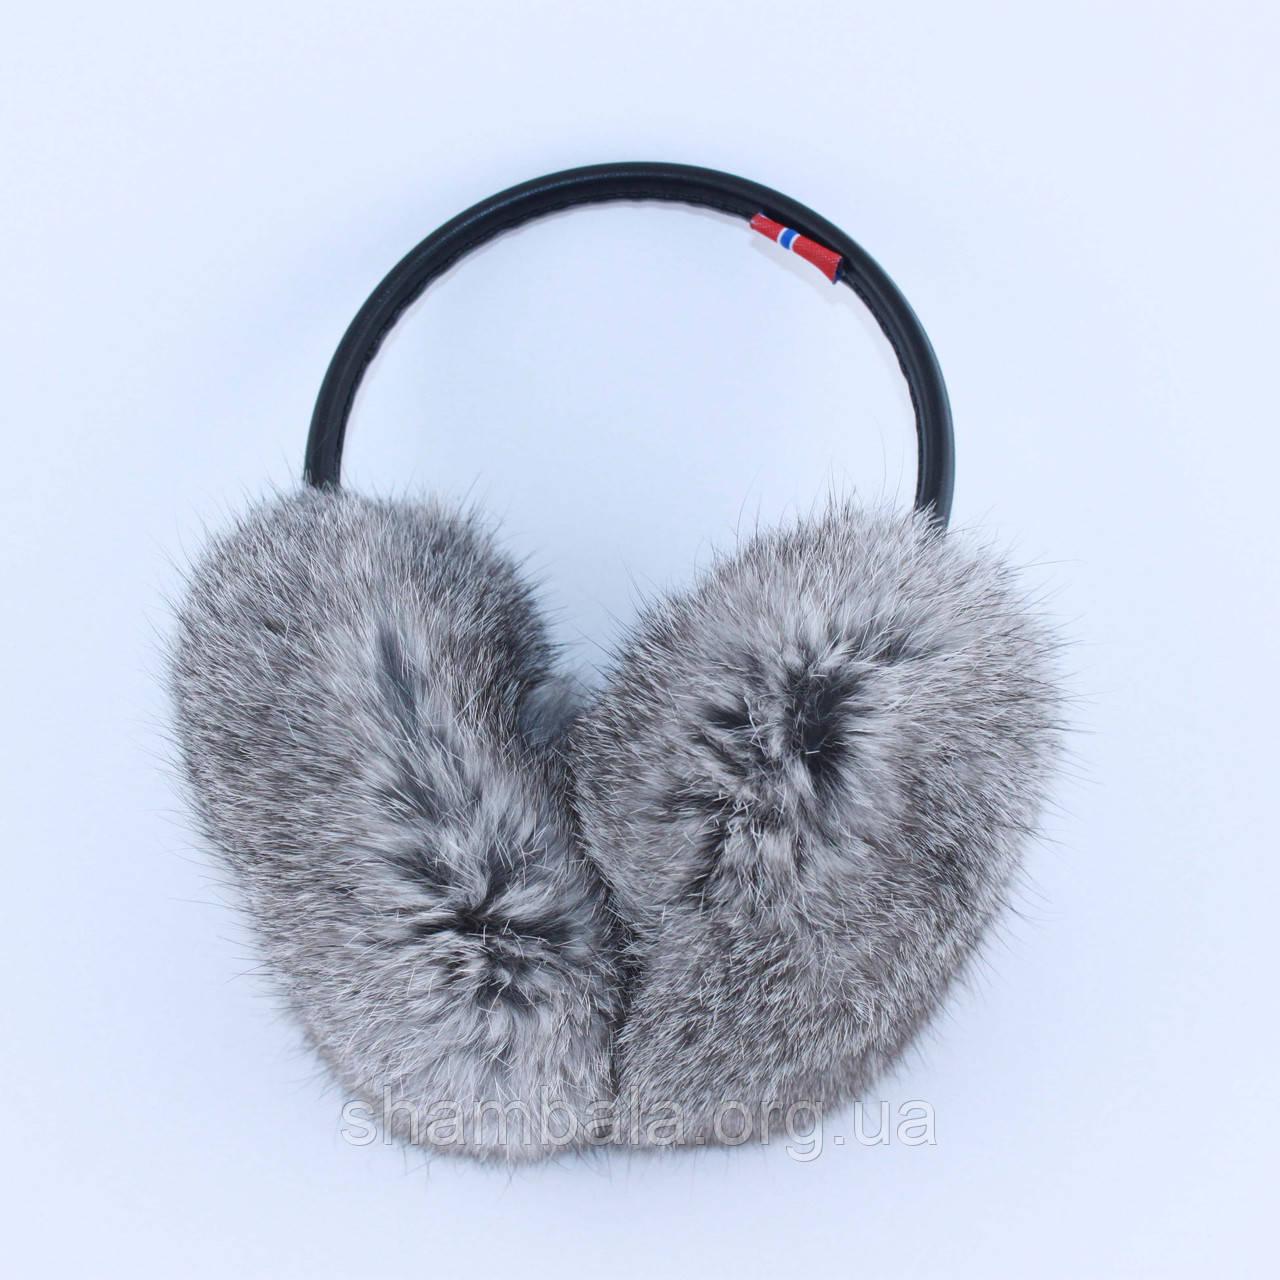 Меховые наушники SnowyWin Натуральный Мех Кролика Серый(010755)